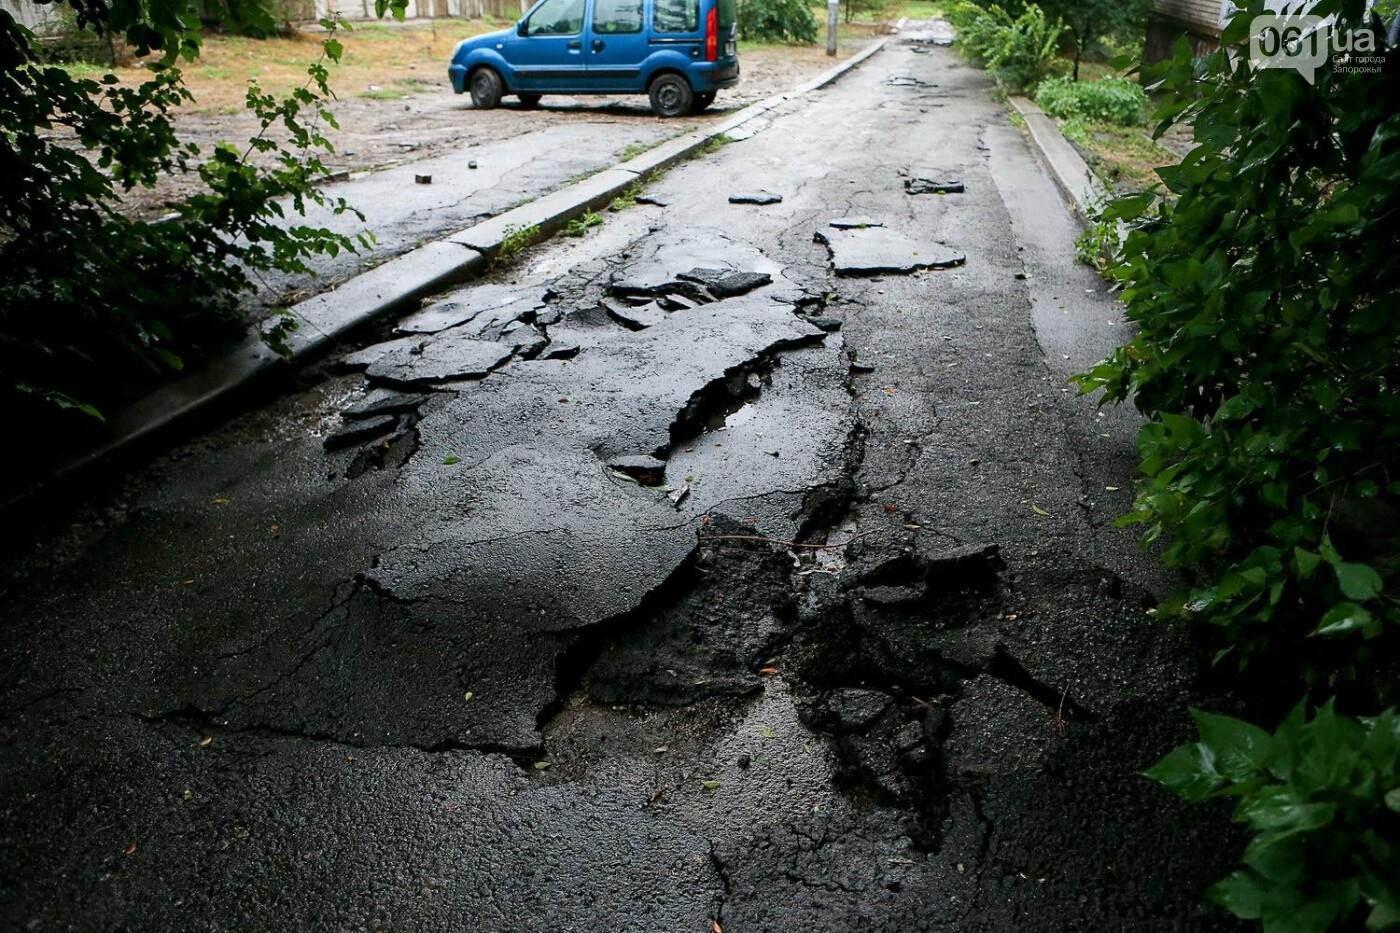 В Запорожье после ливней разрушены дороги: почему это произошло и за чей счет отремонтируют, - ФОТОРЕПОРТАЖ, фото-11